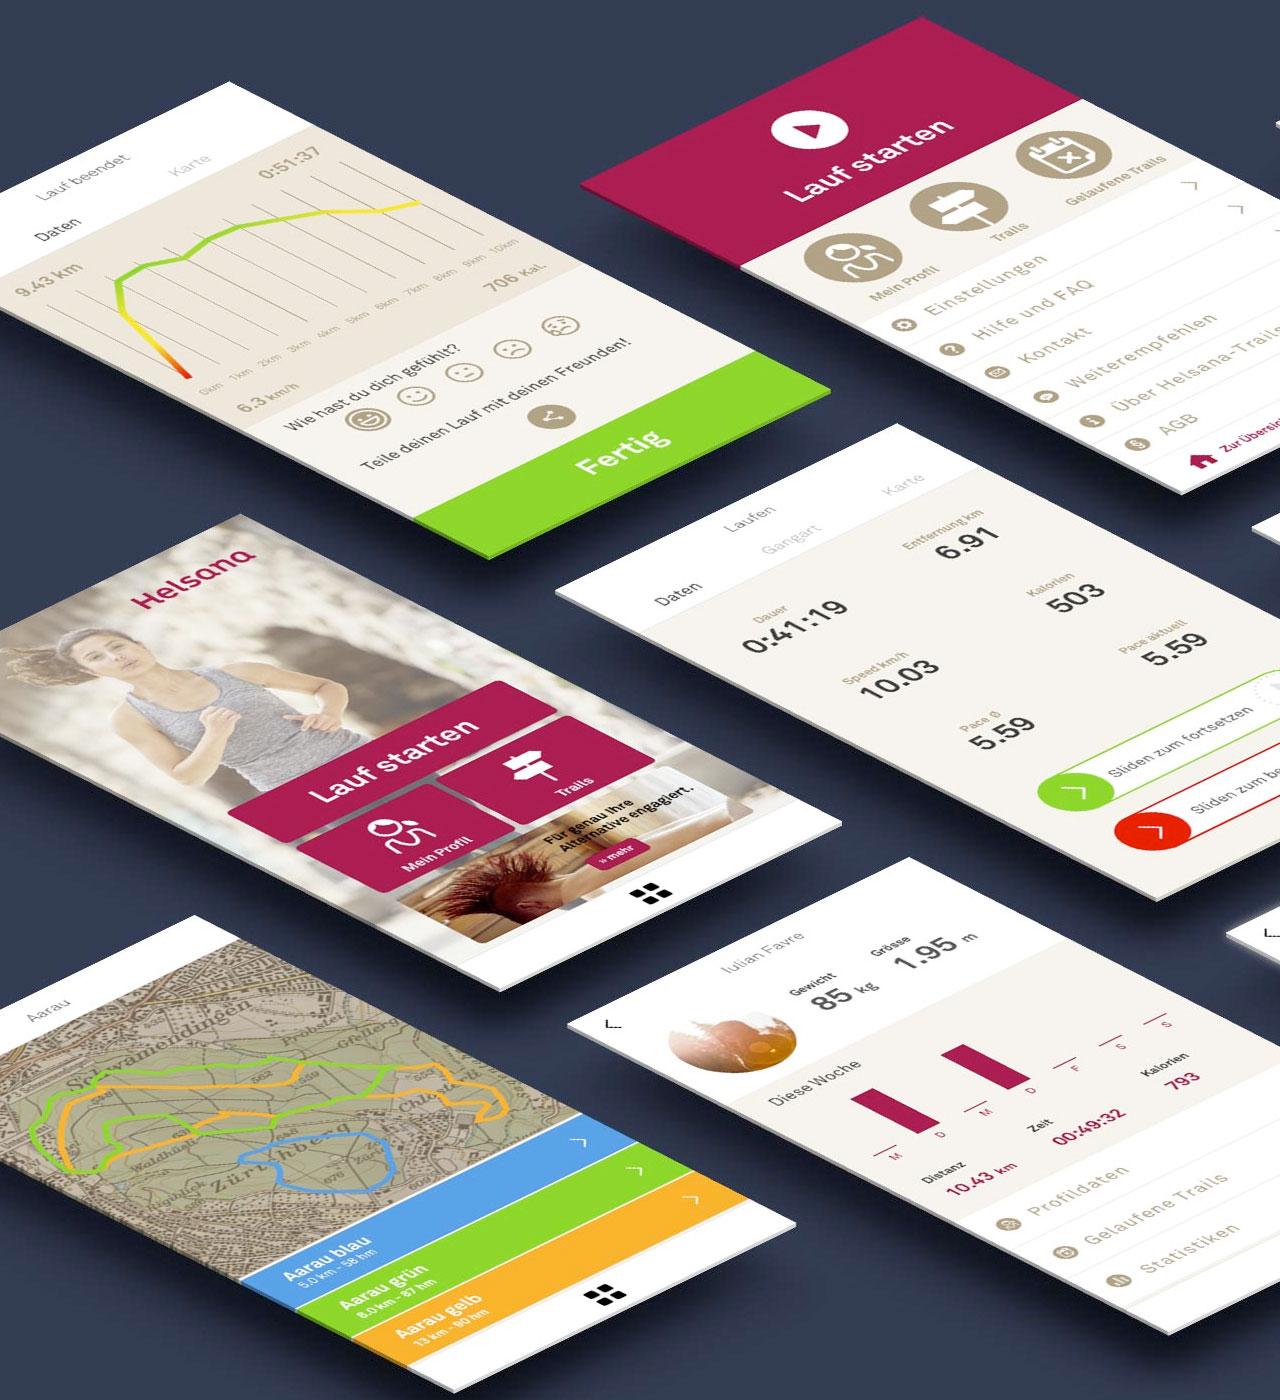 Lauf-App